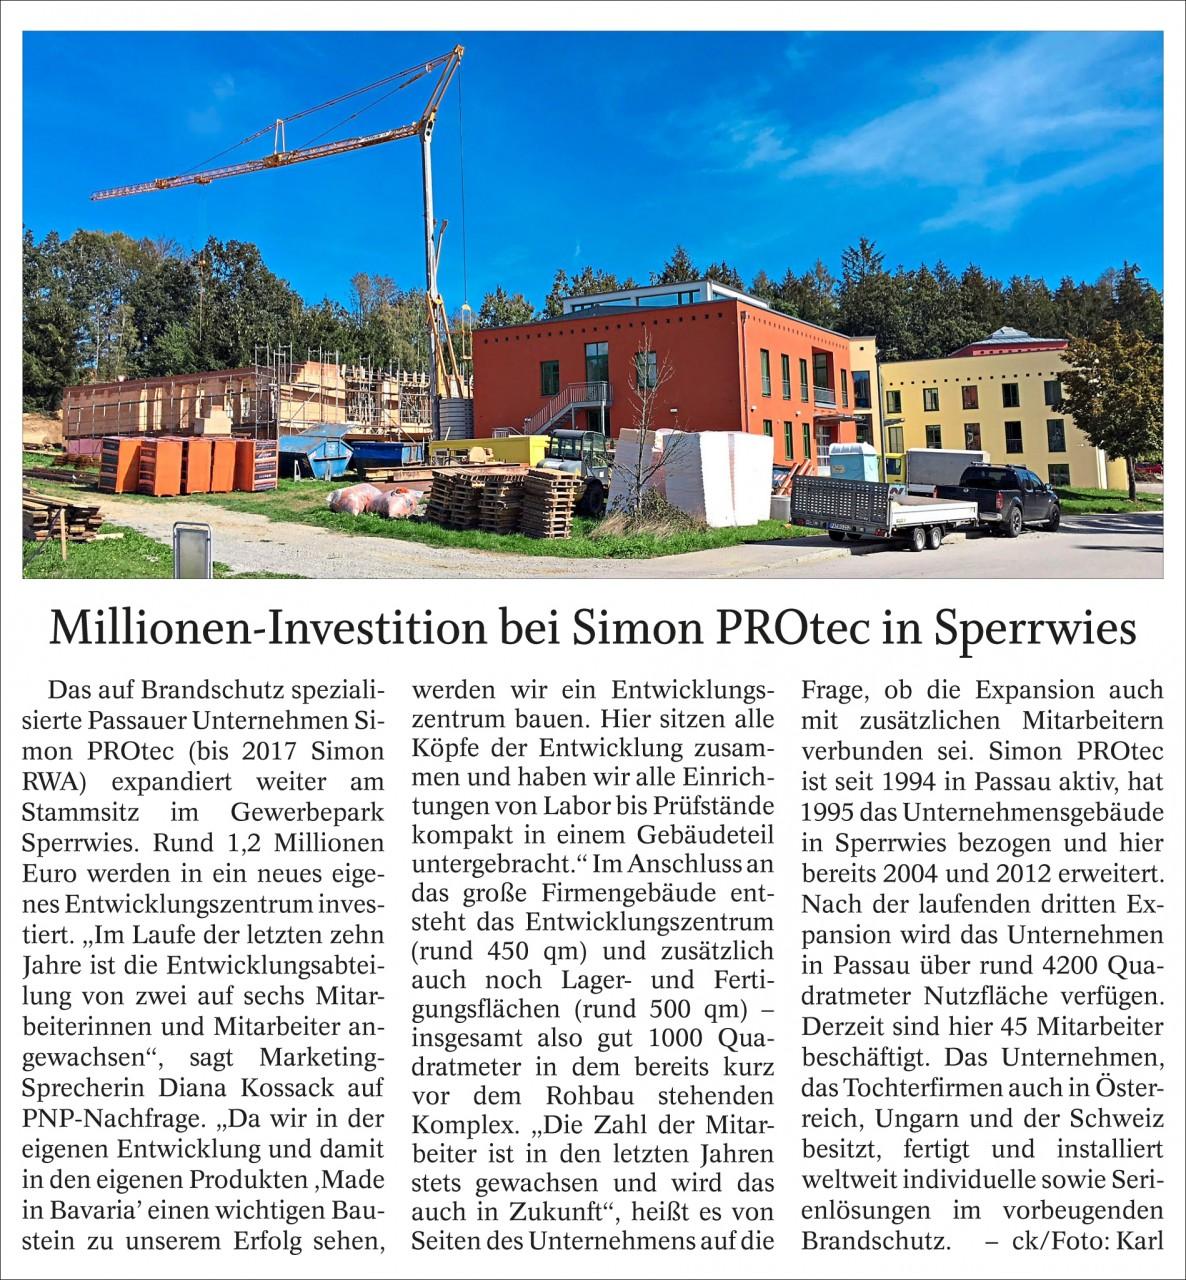 Millionen-Investition bei Simon PROtec in Sperrwies (Veröffentlichung in der PNP)